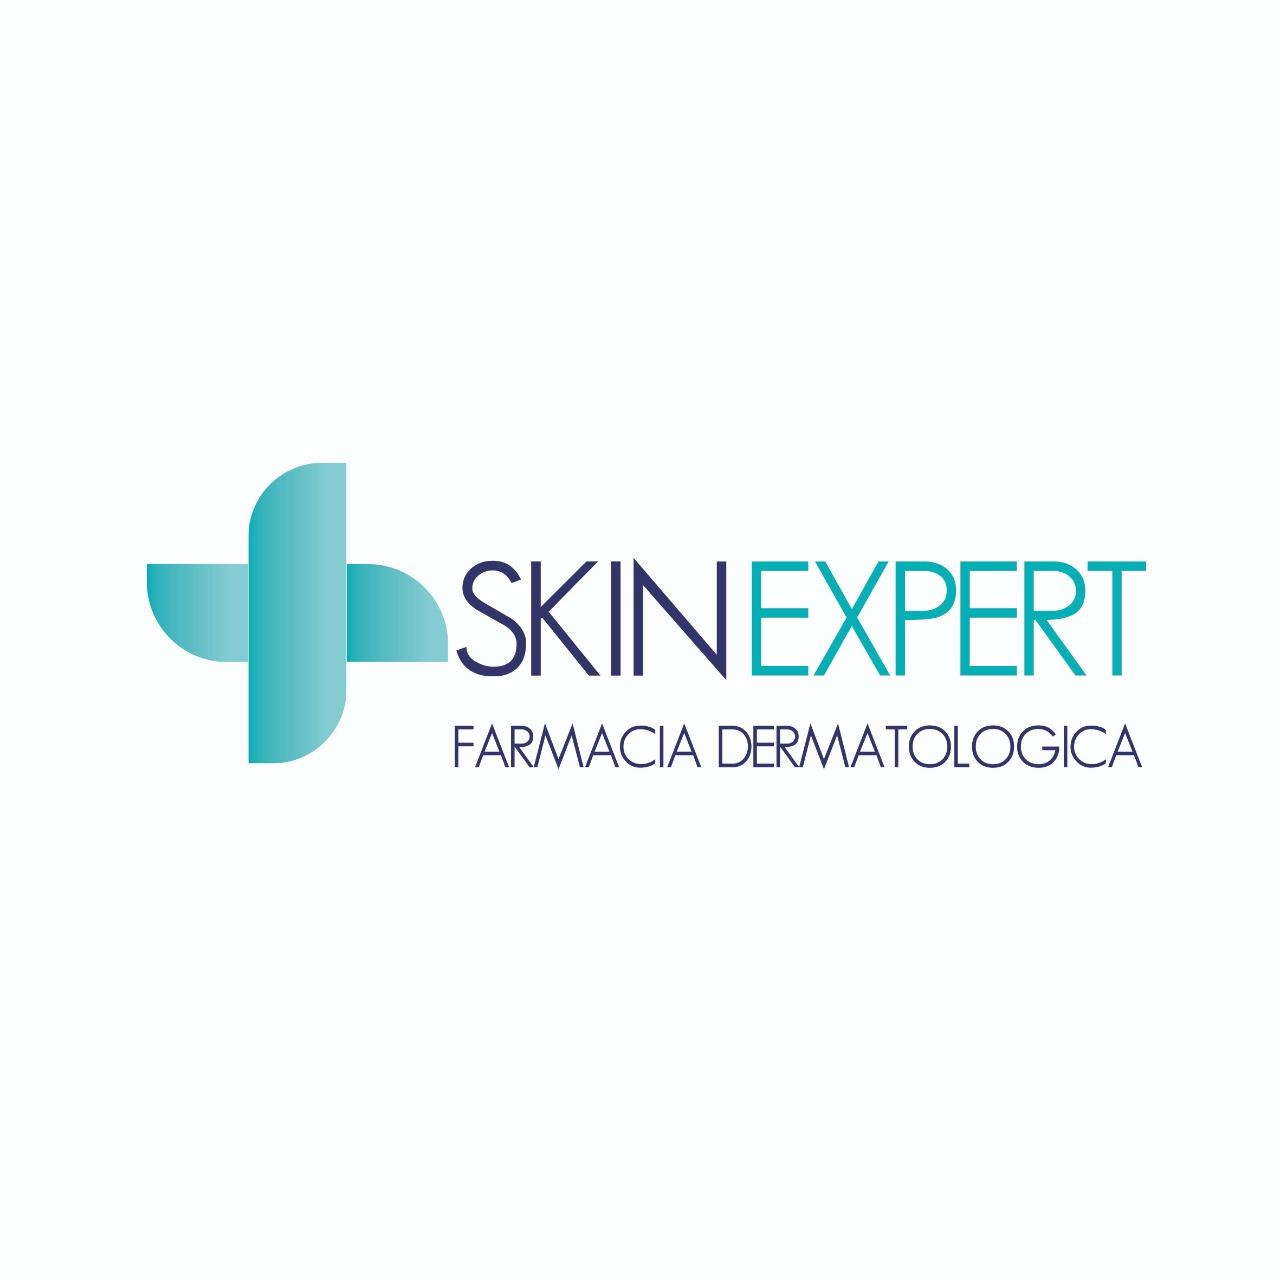 Skin Expert Farmacia Dermatologica